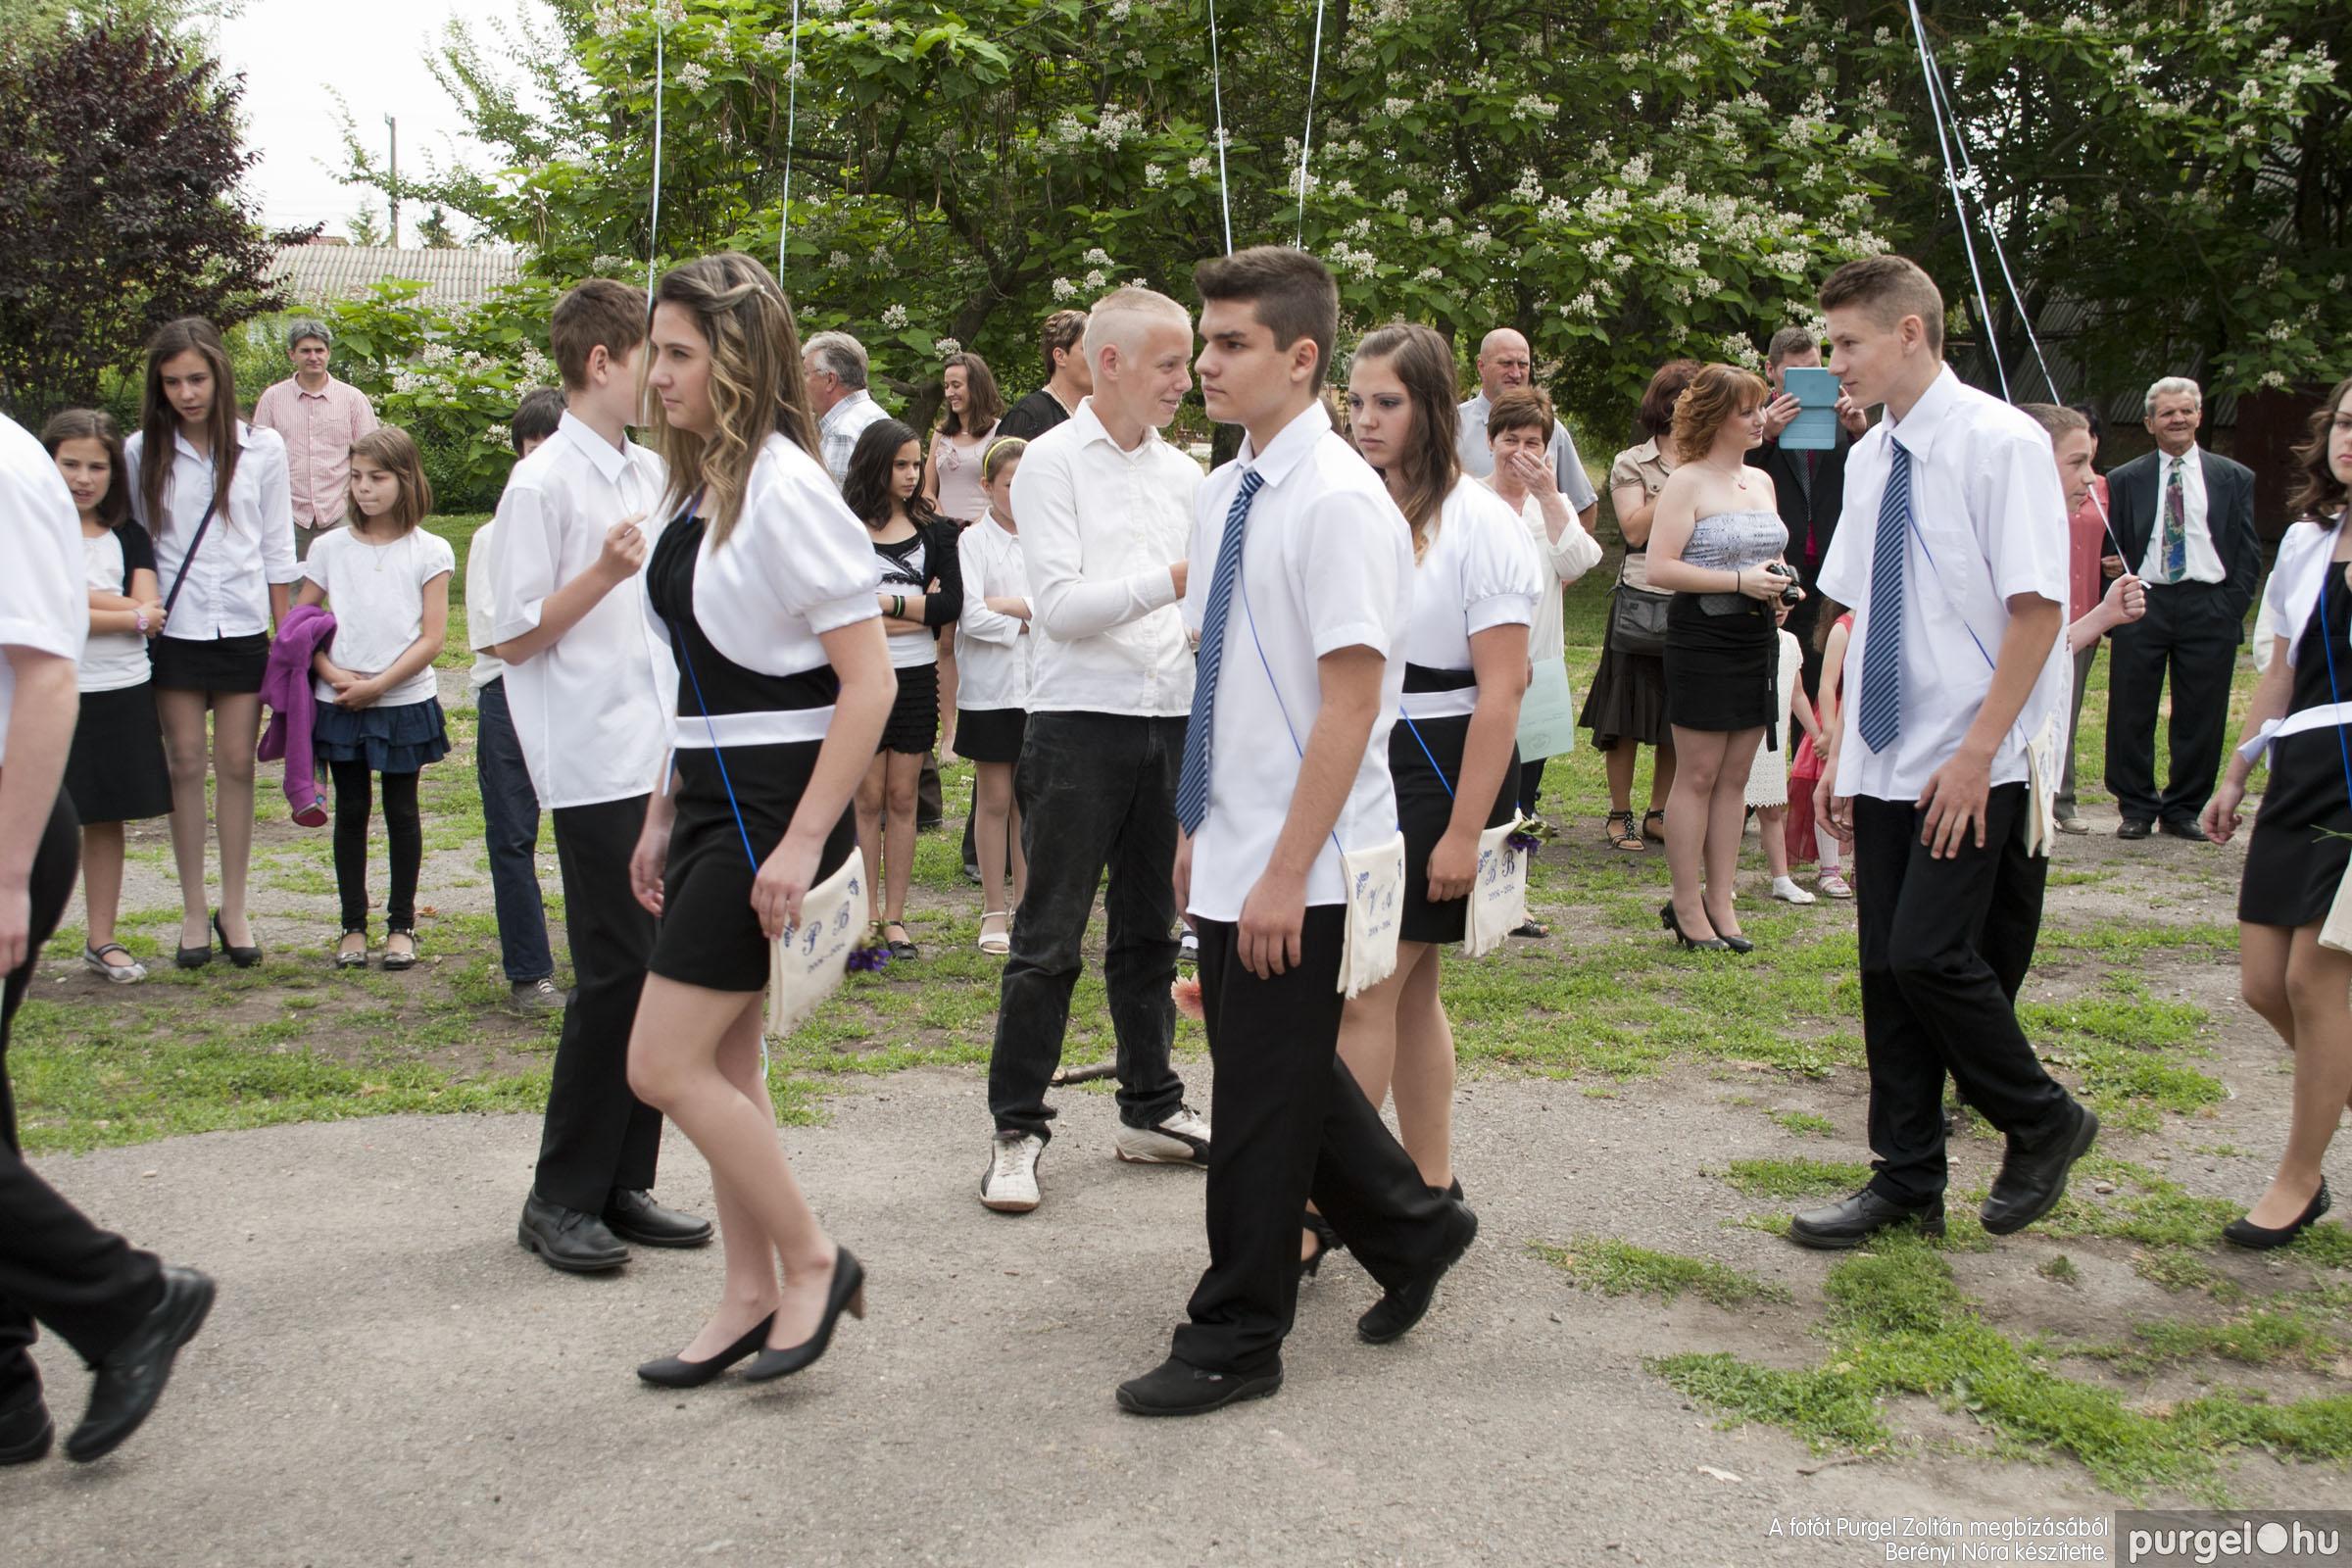 2014.06.14. 331 Forray Máté Általános Iskola ballagás 2014. - Fotó:BERÉNYI NÓRA© _MG_6064